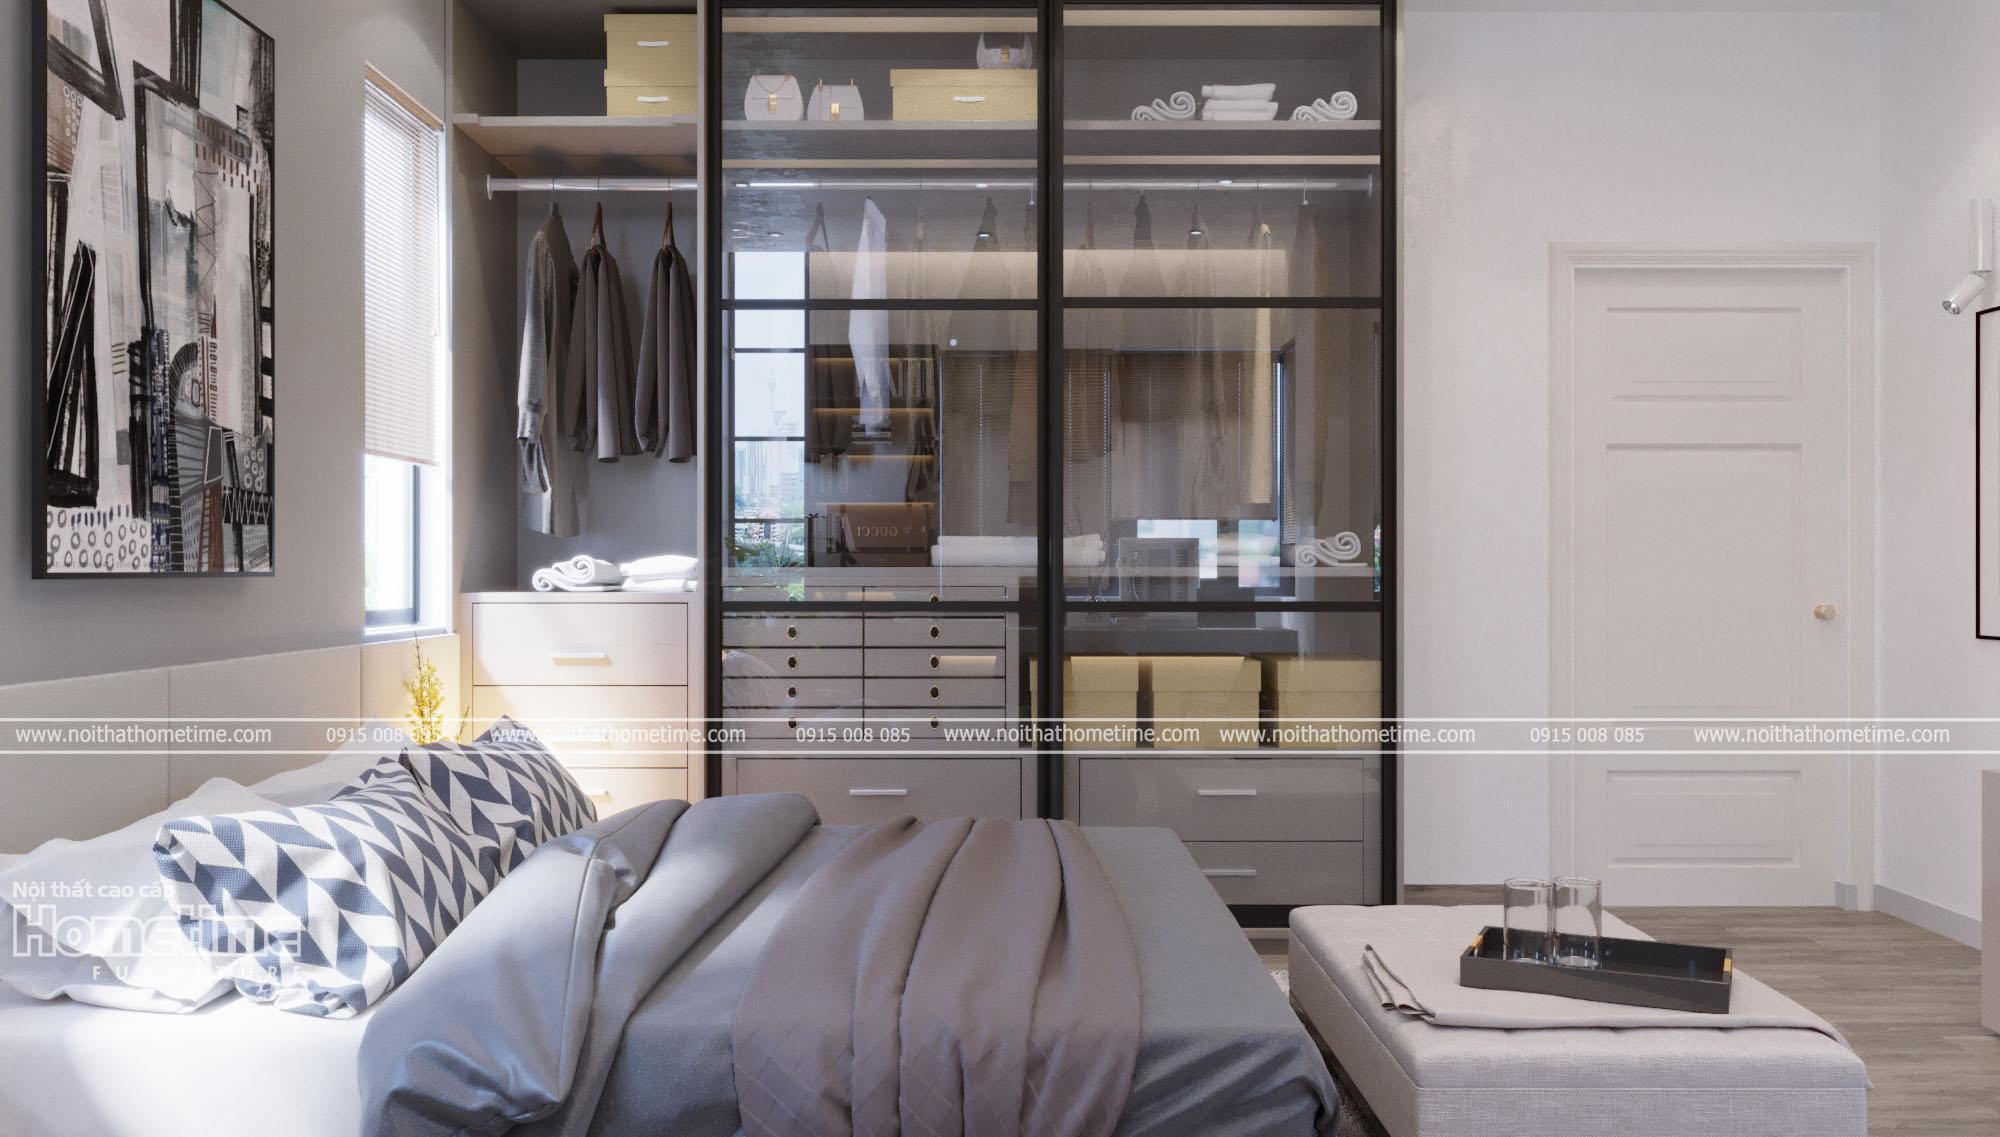 Thiết kế nội thất phòng ngủ - Tủ quần áo cánh kính